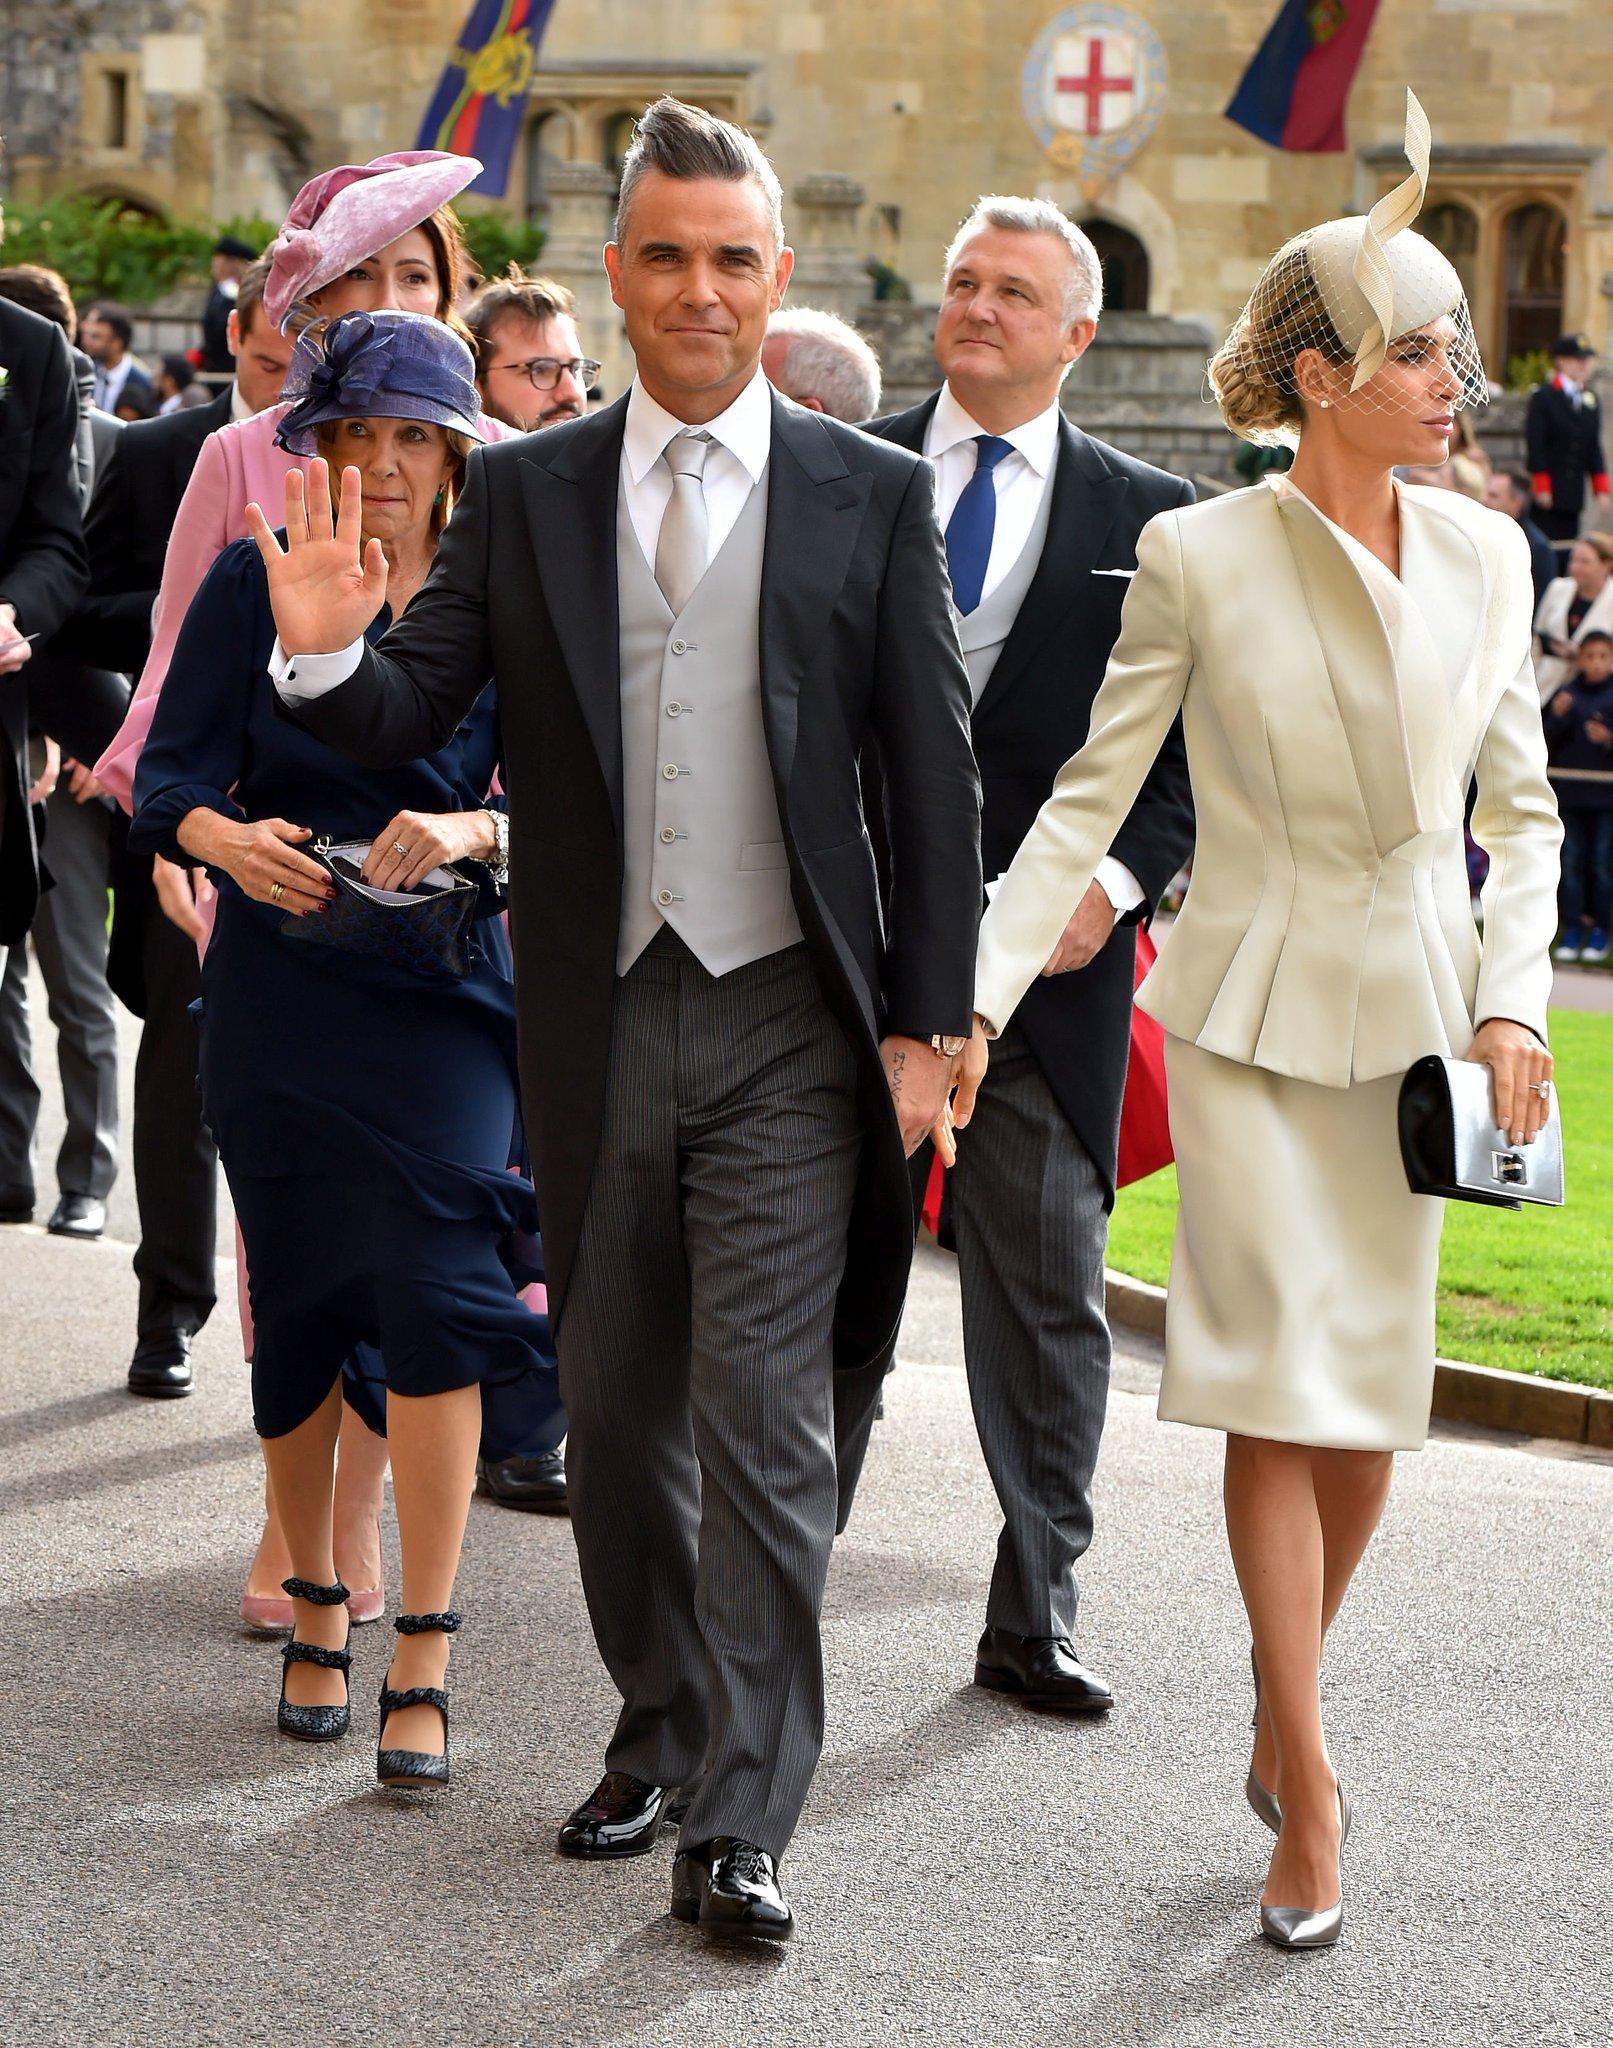 La realeza y las celebridades llegan a la segunda boda real del año #RoyalWedding https://t.co/HcZ5yekRDN https://t.co/FluUuRrA1U